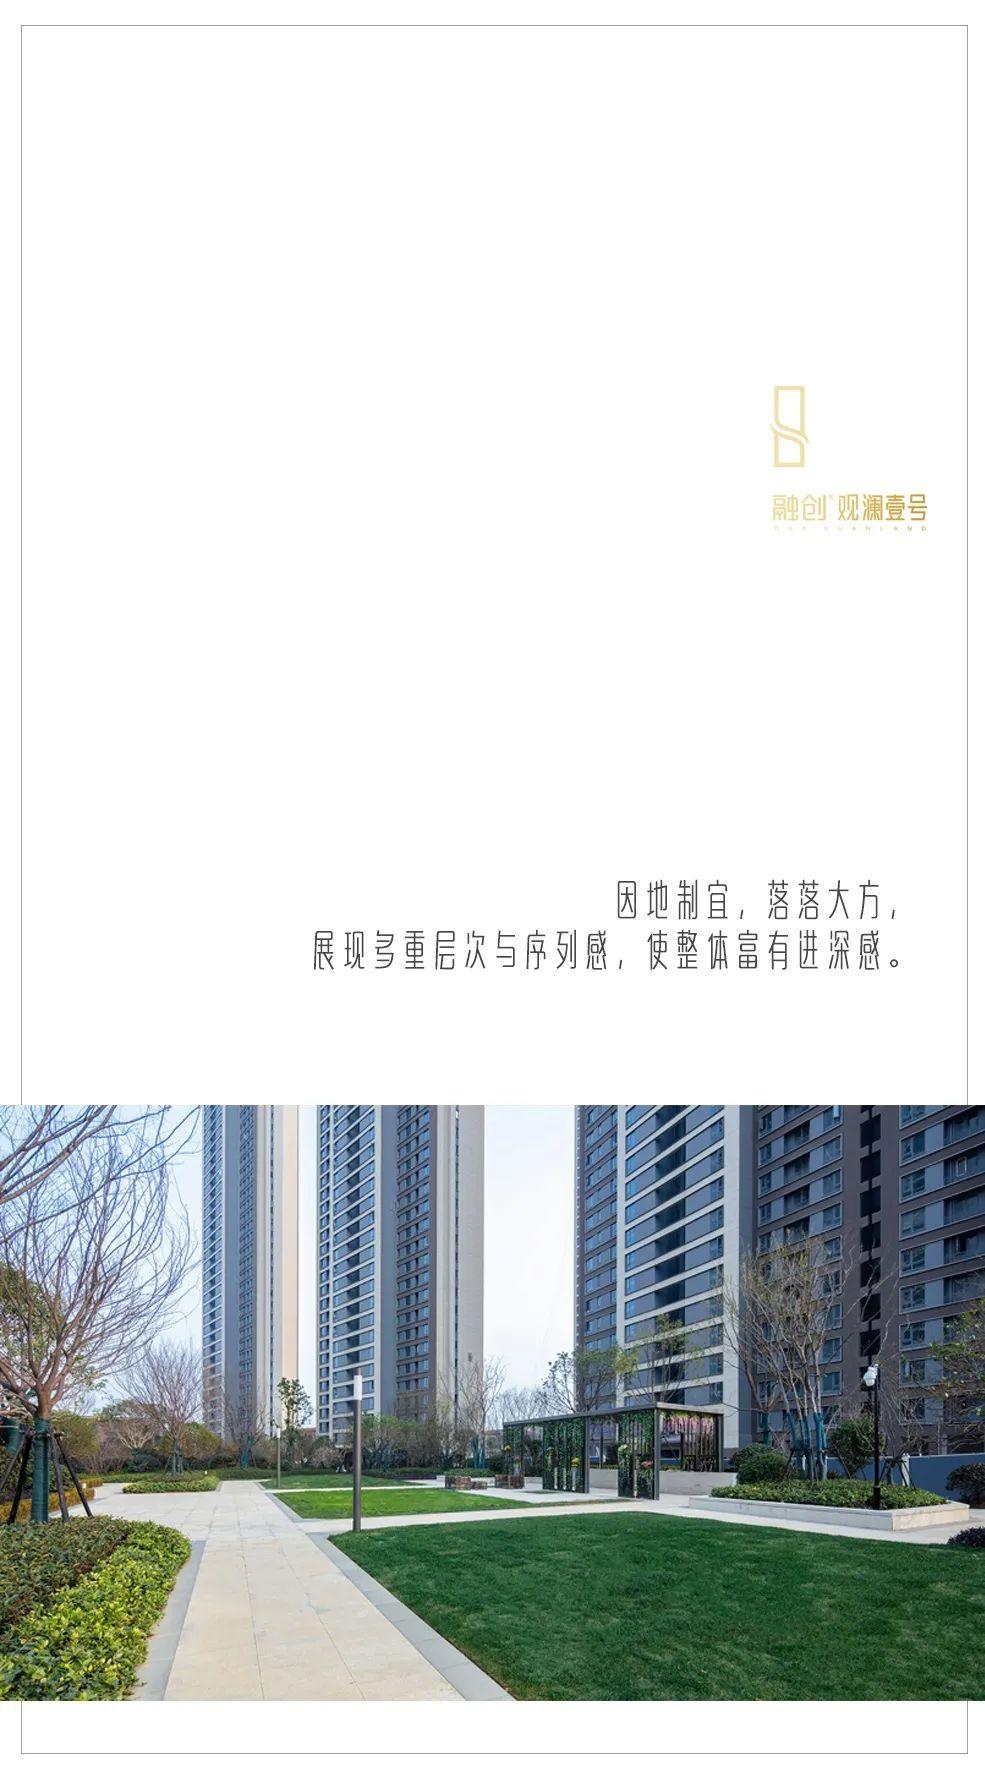 武汉融创·观澜壹号景观设计 / 麦田景观